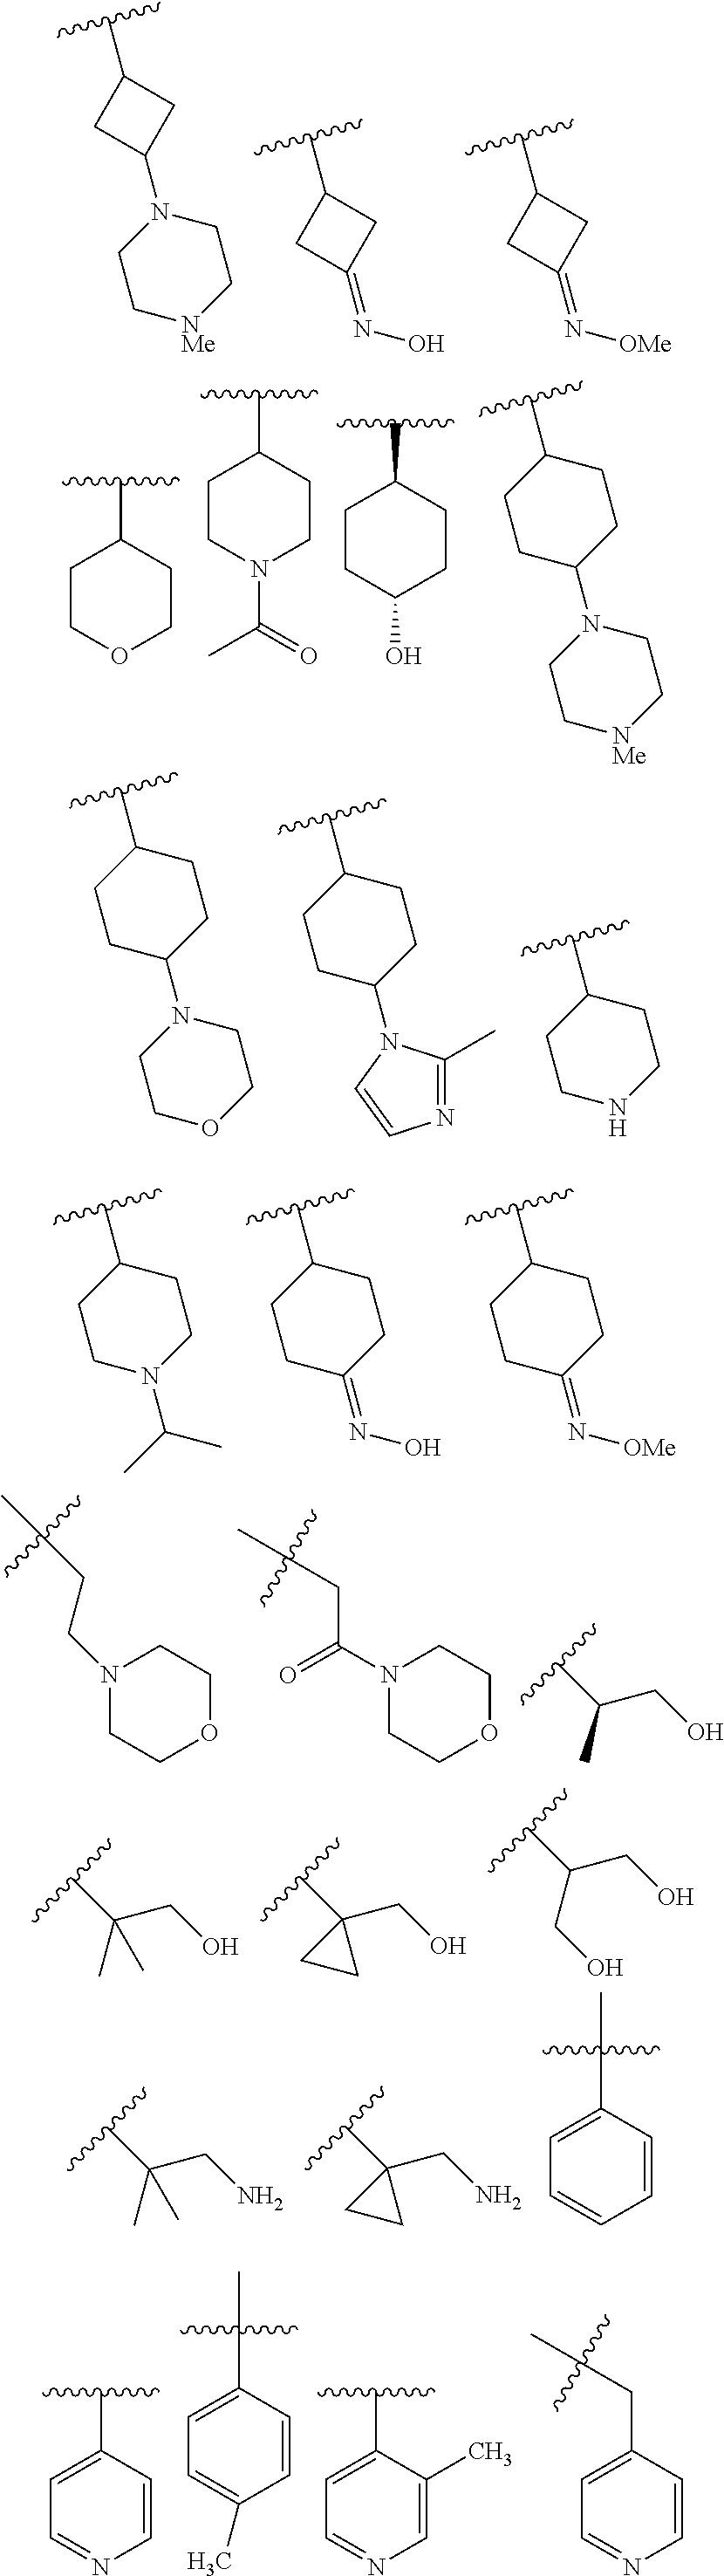 Figure US20160038497A1-20160211-C00037